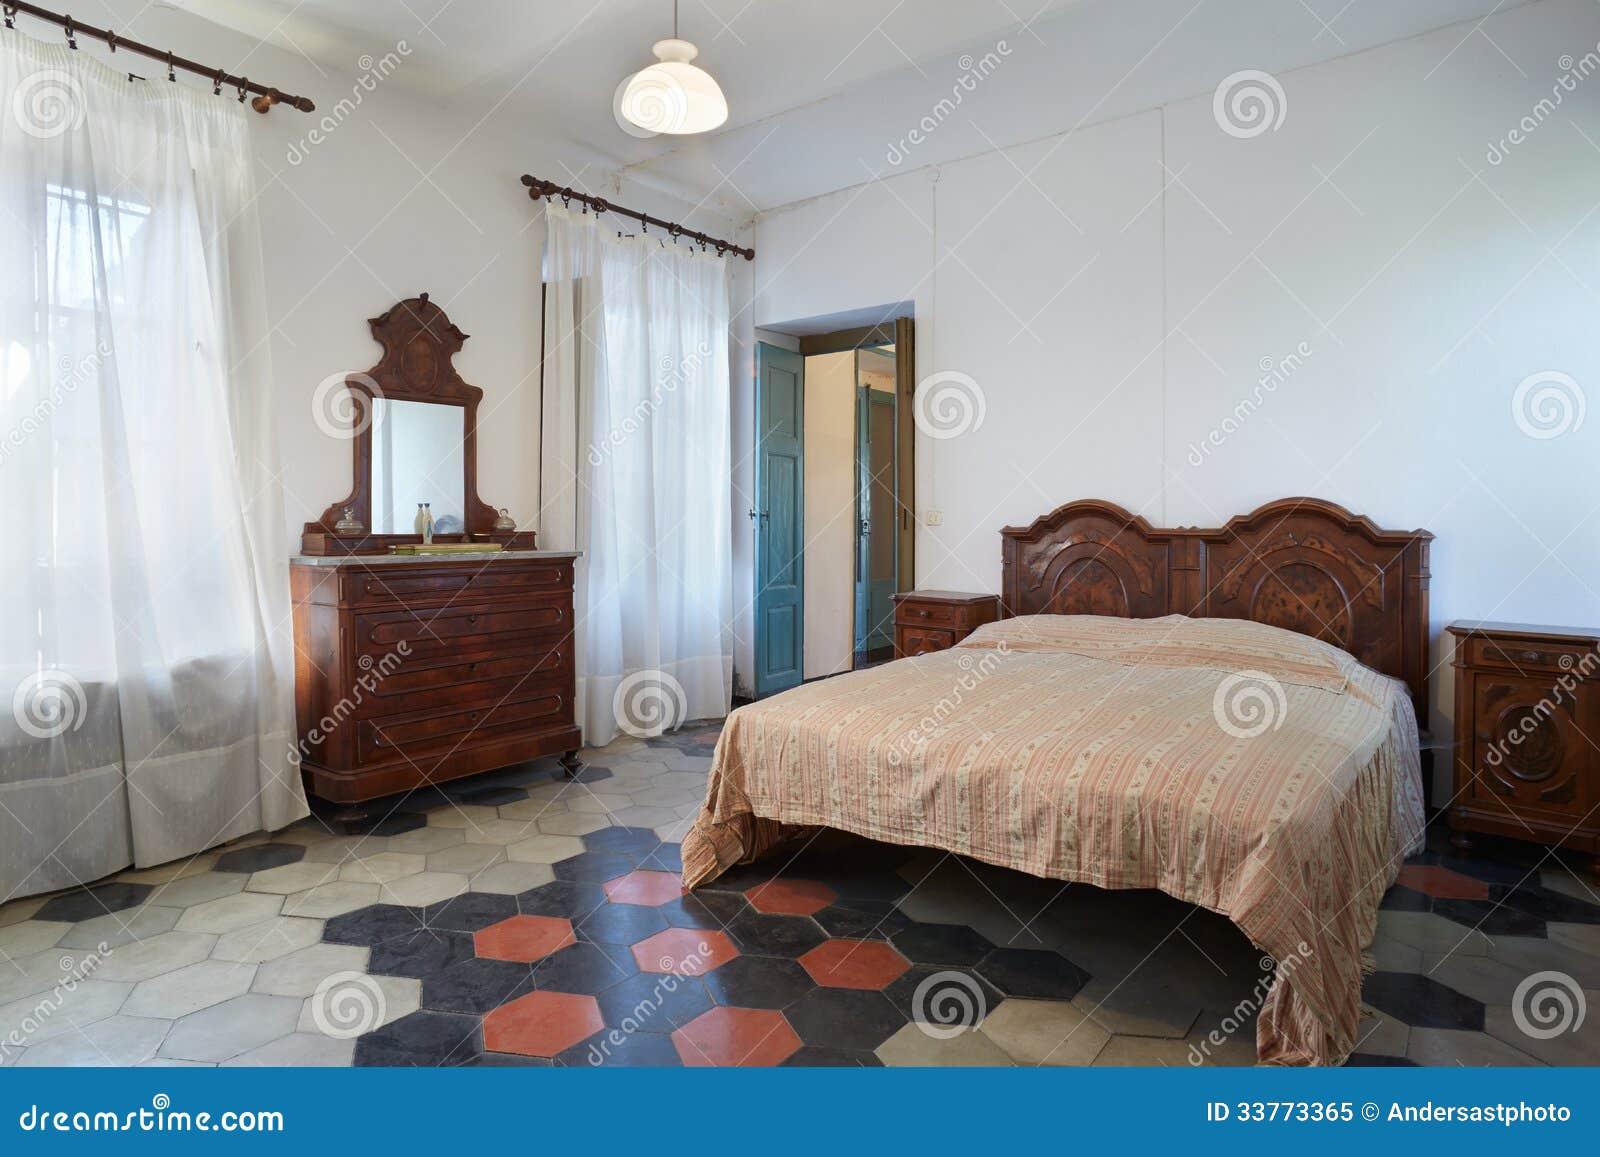 Vieille Chambre Coucher Dans La Maison De Campagne Photo Libre De Droits Image 33773365